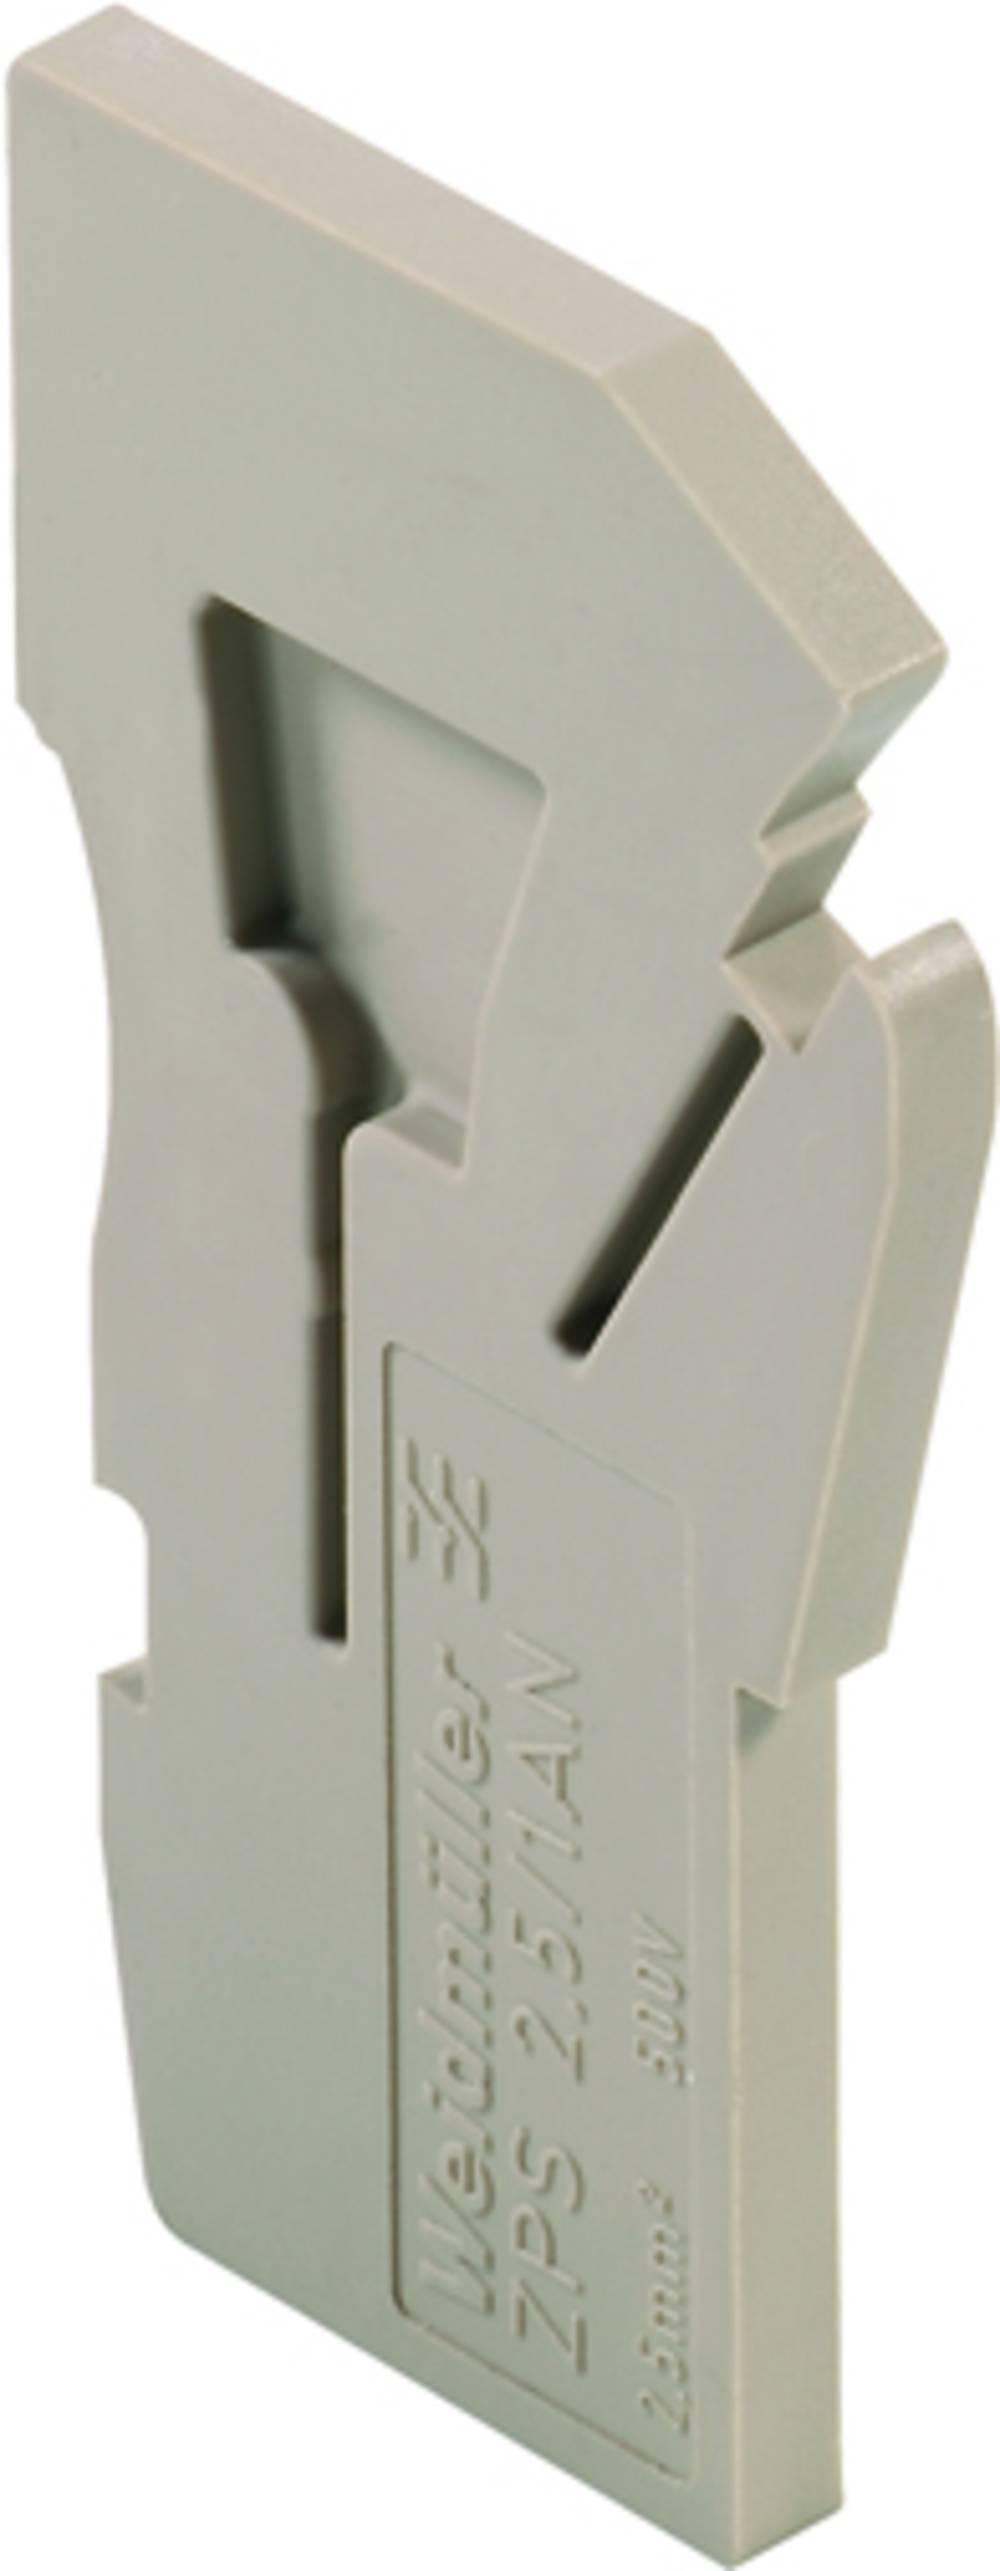 Stik ZP 2.5/1AN/7 GN/BE 1867140000 Weidmüller 25 stk